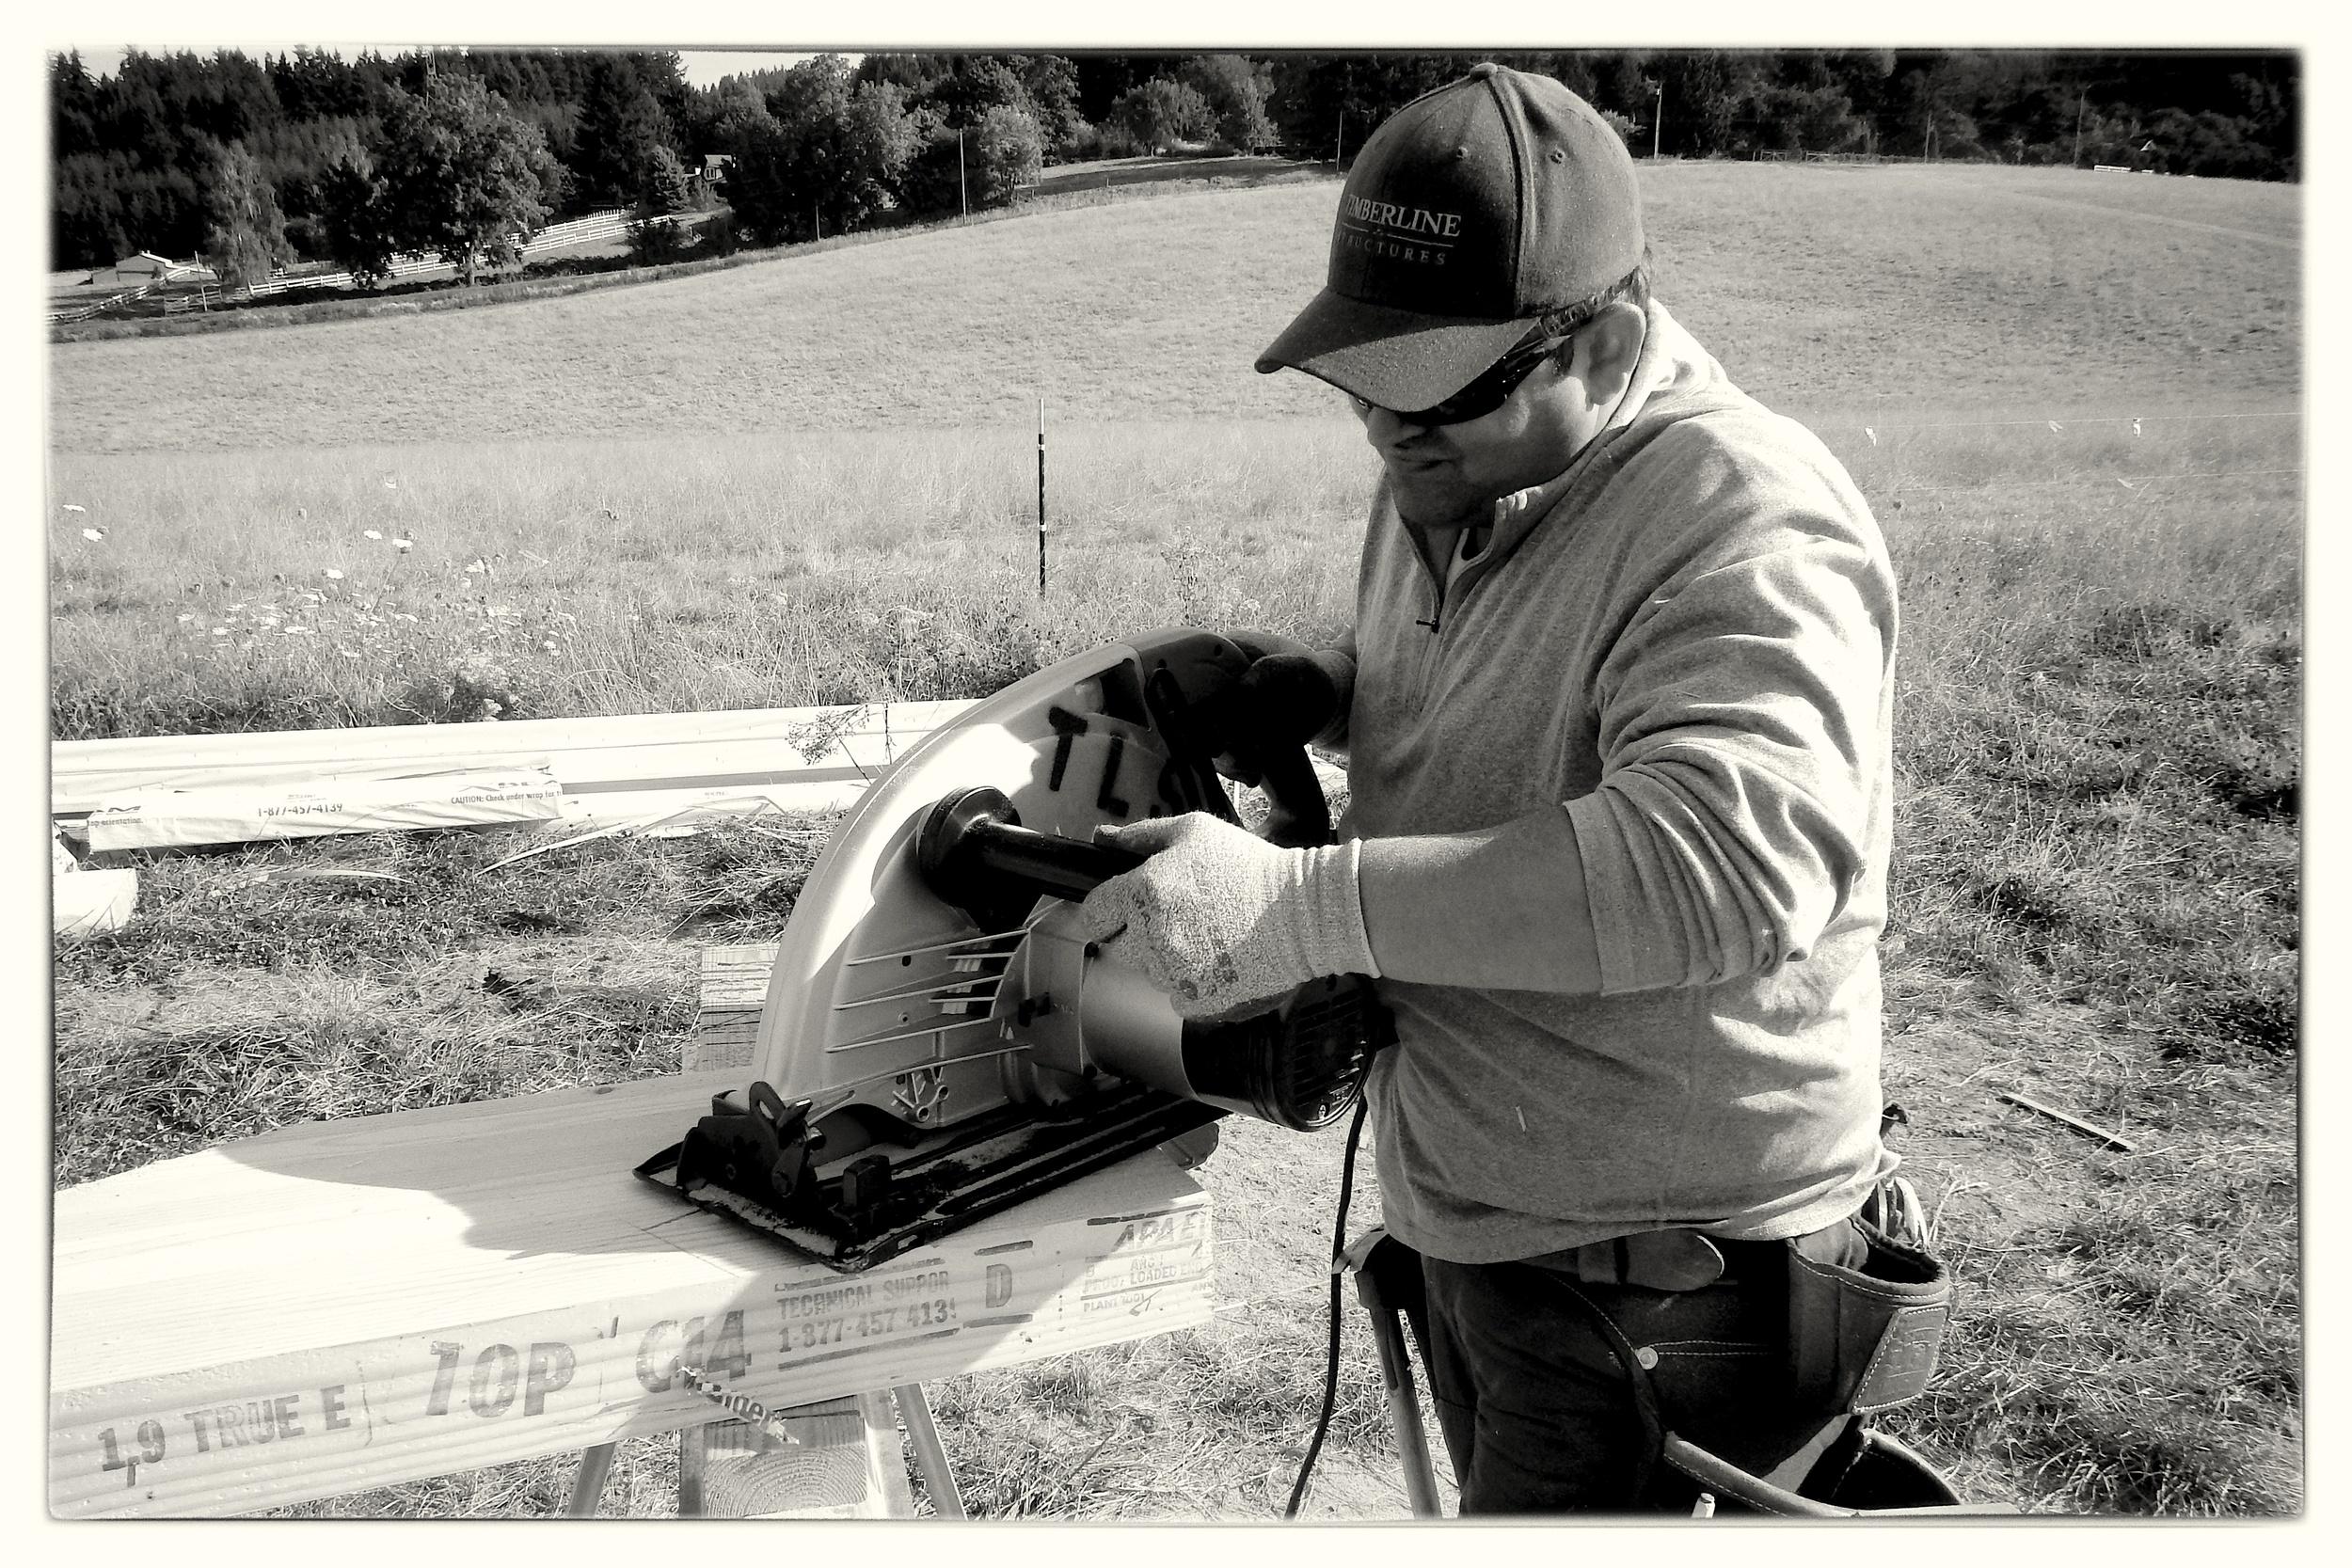 Cutting Glulmam Beams with 16 Inch Saw - West Linn